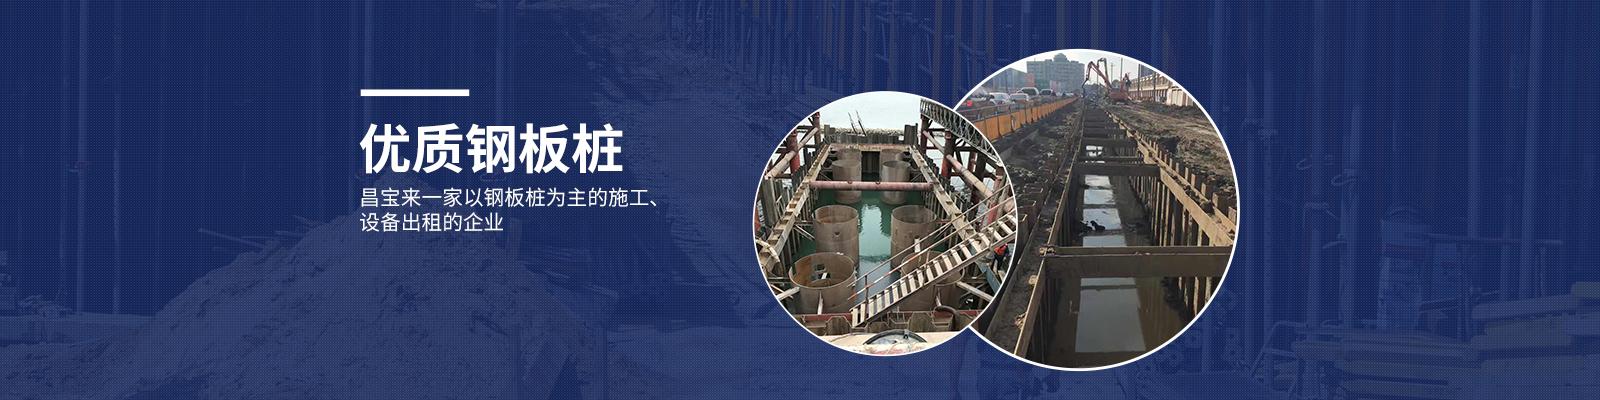 漳州市昌宝来市政工程有限公司